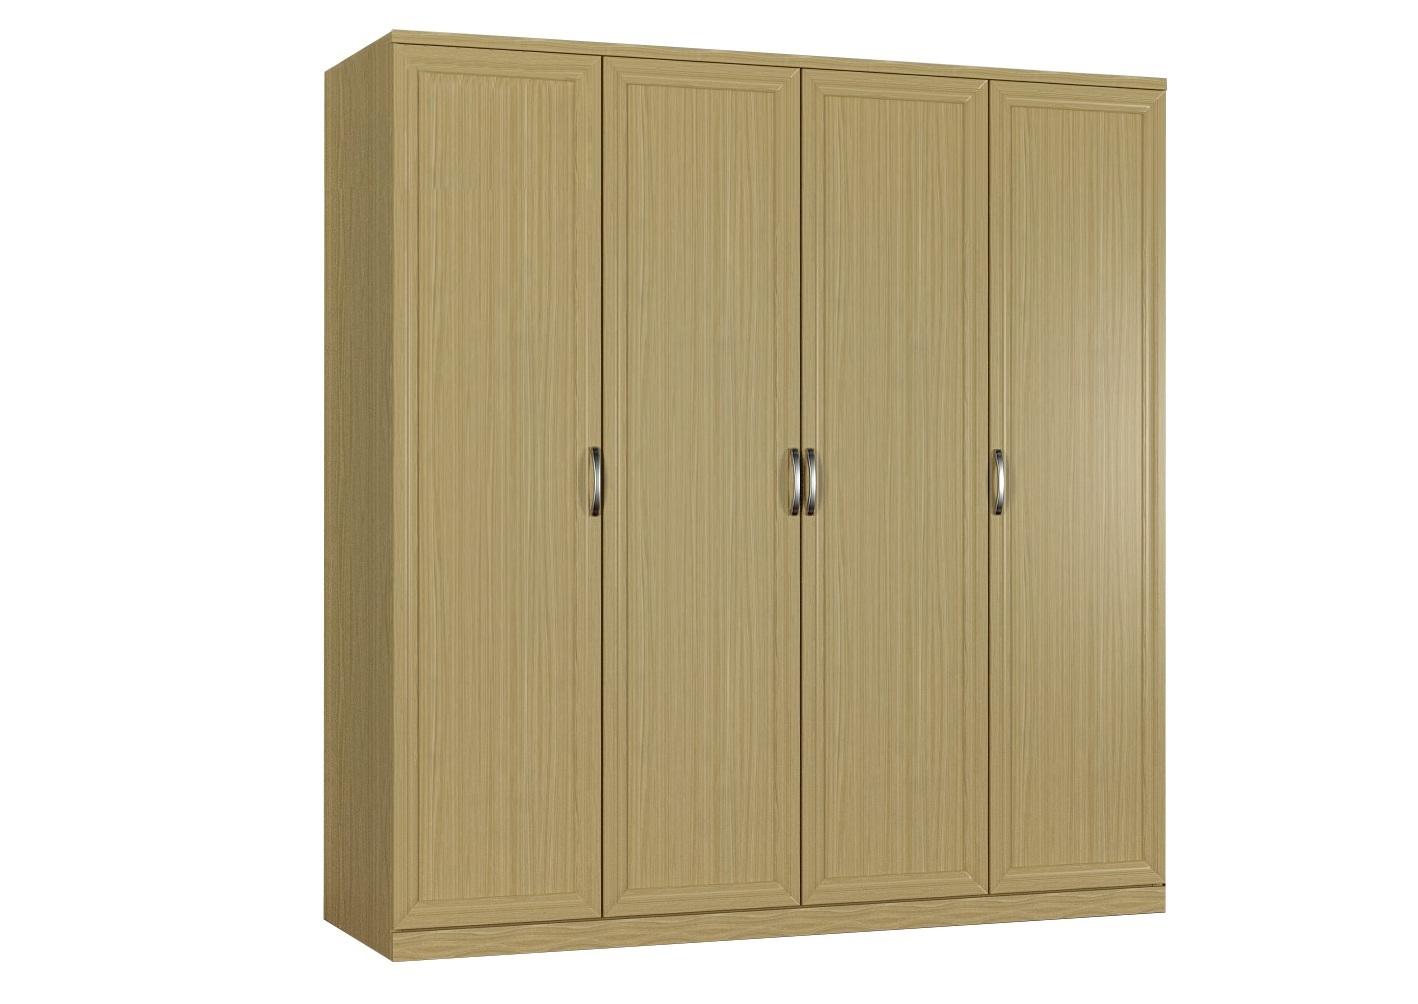 внешний вид типовых шкафов